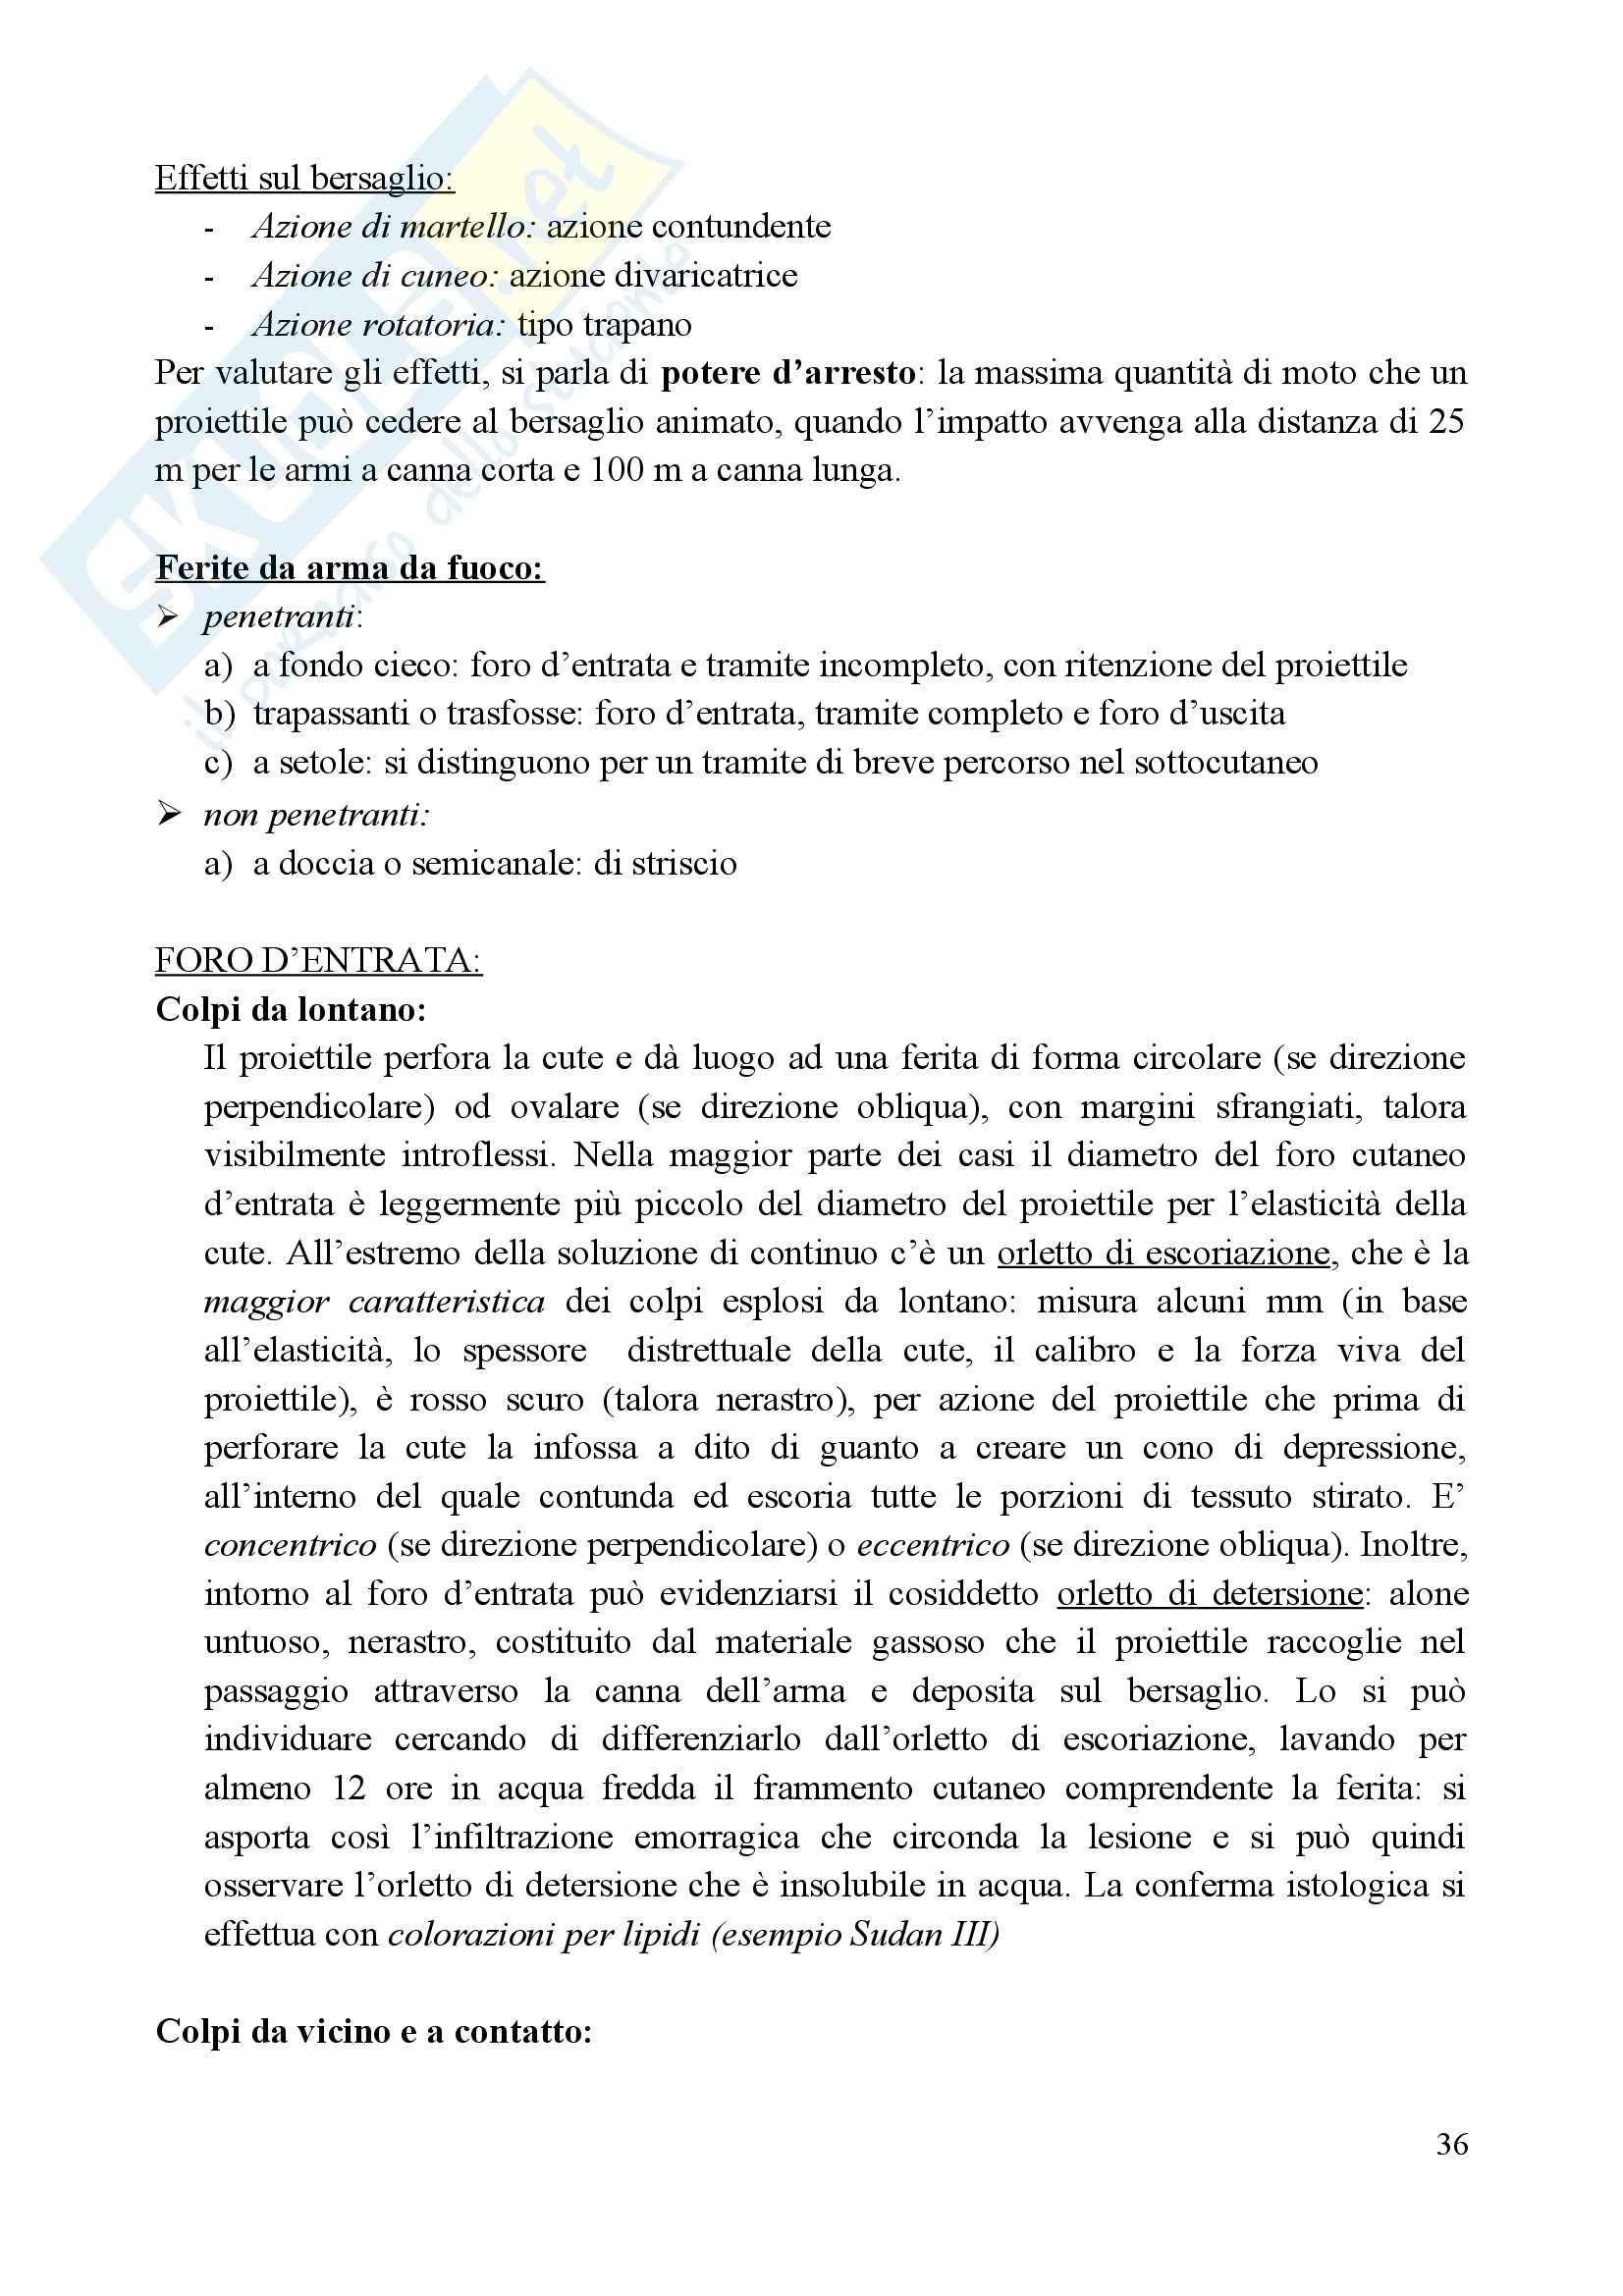 Medicina legale e delle Assicurazioni - il metodo med-legale Pag. 36